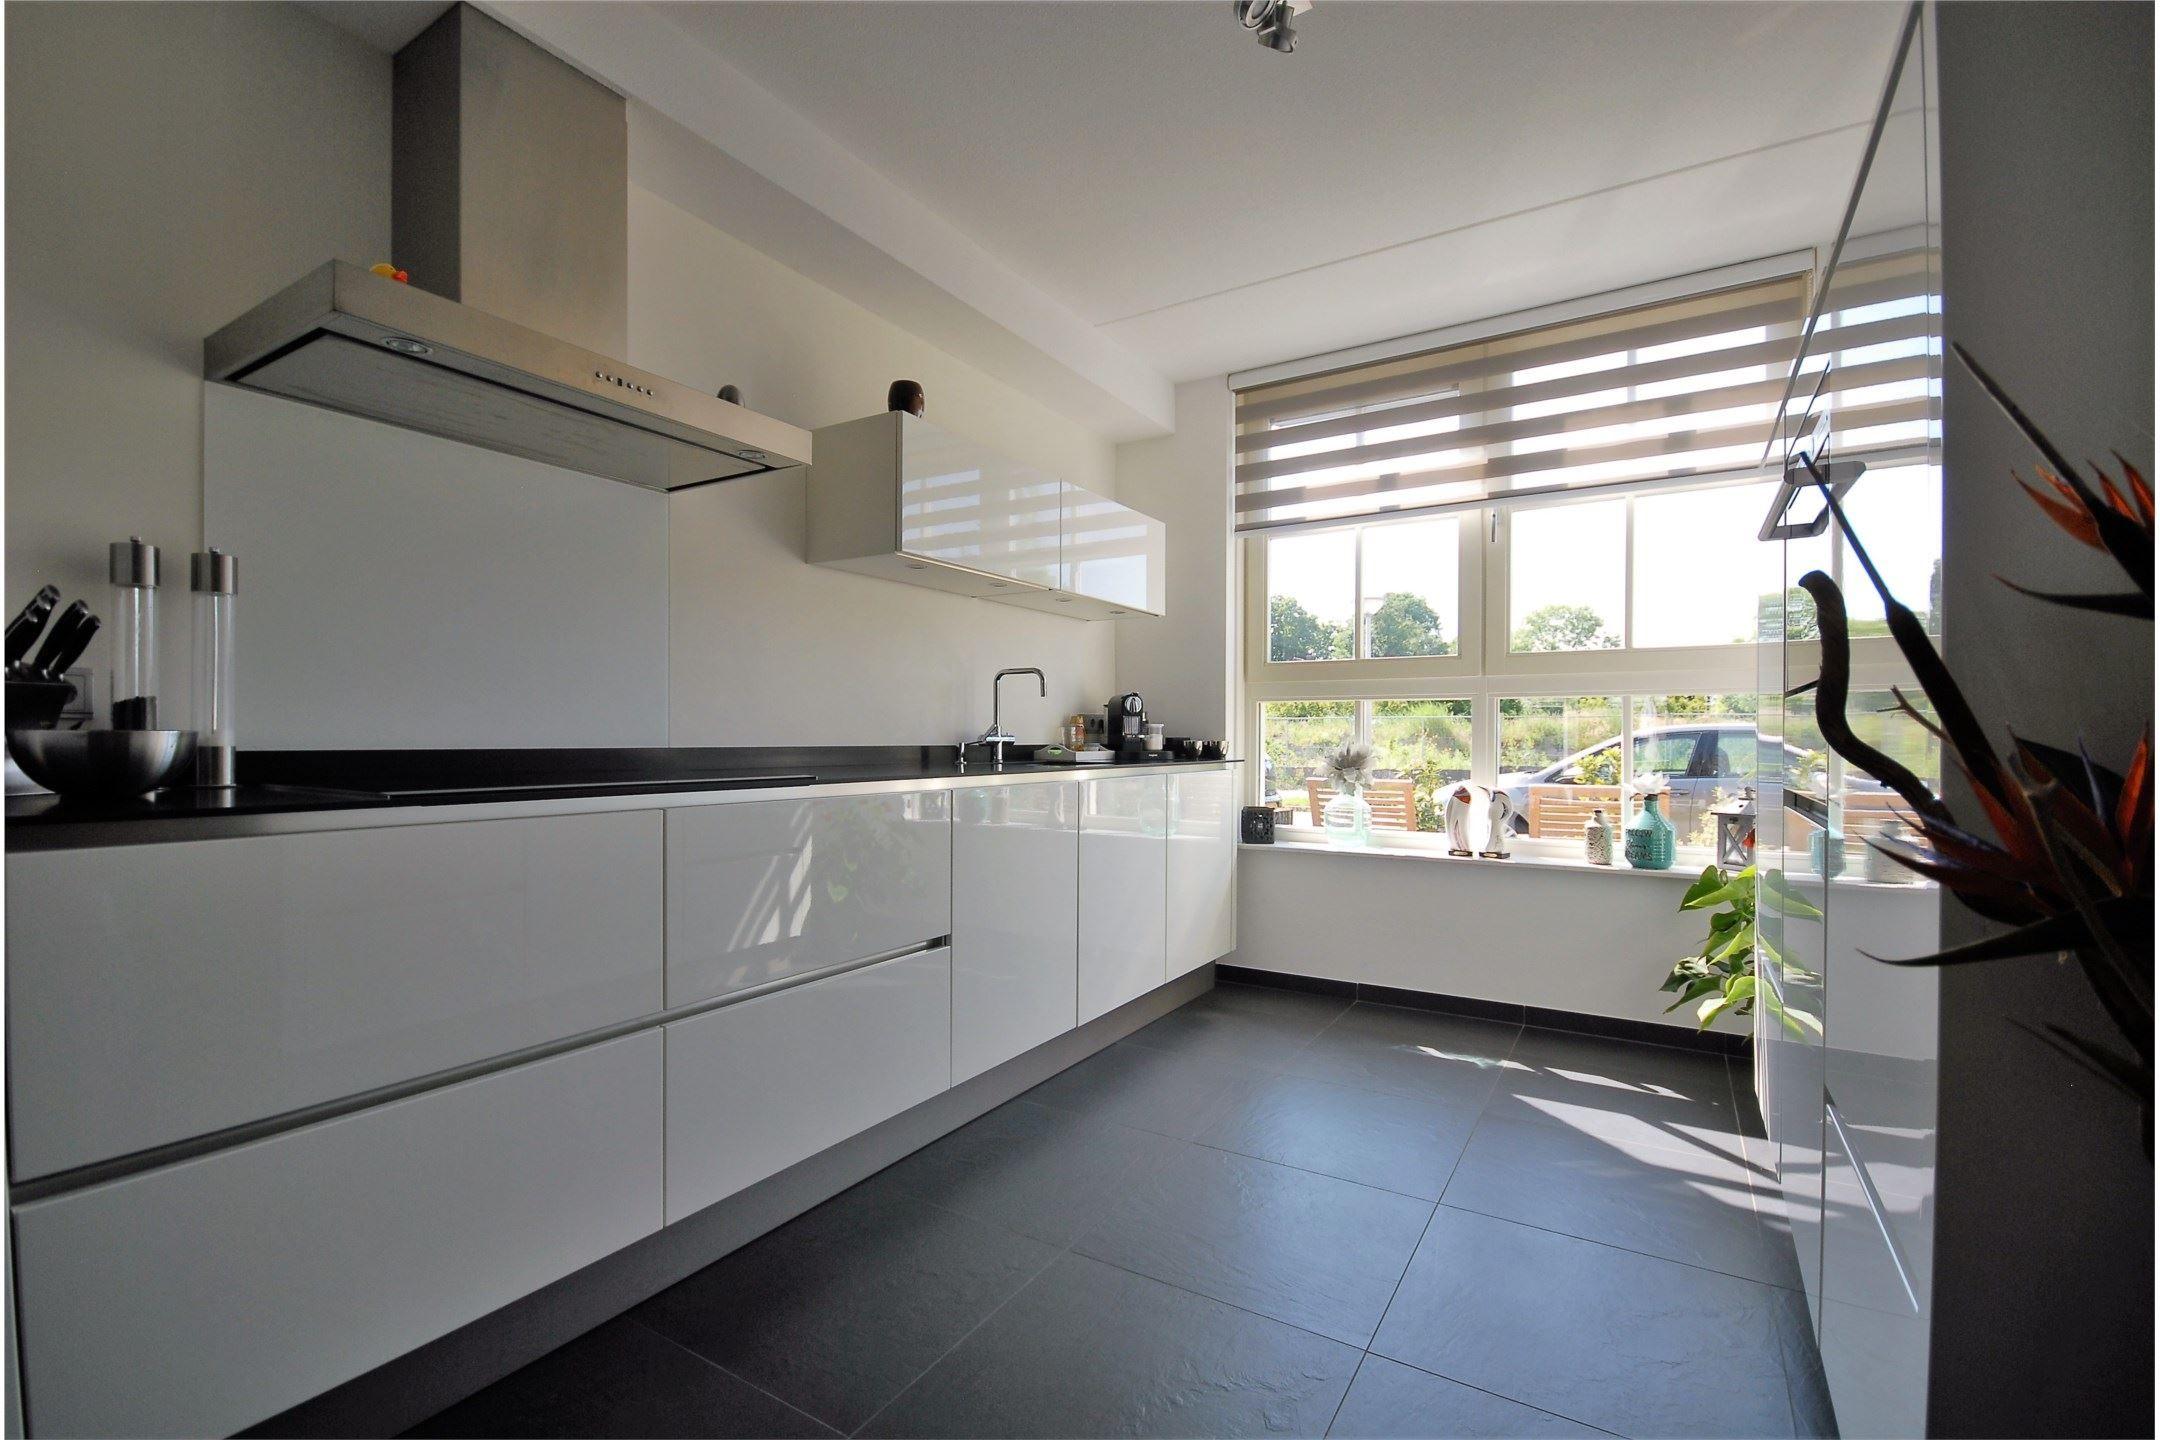 Greeploze keuken keuken ideeen kitchens beautiful